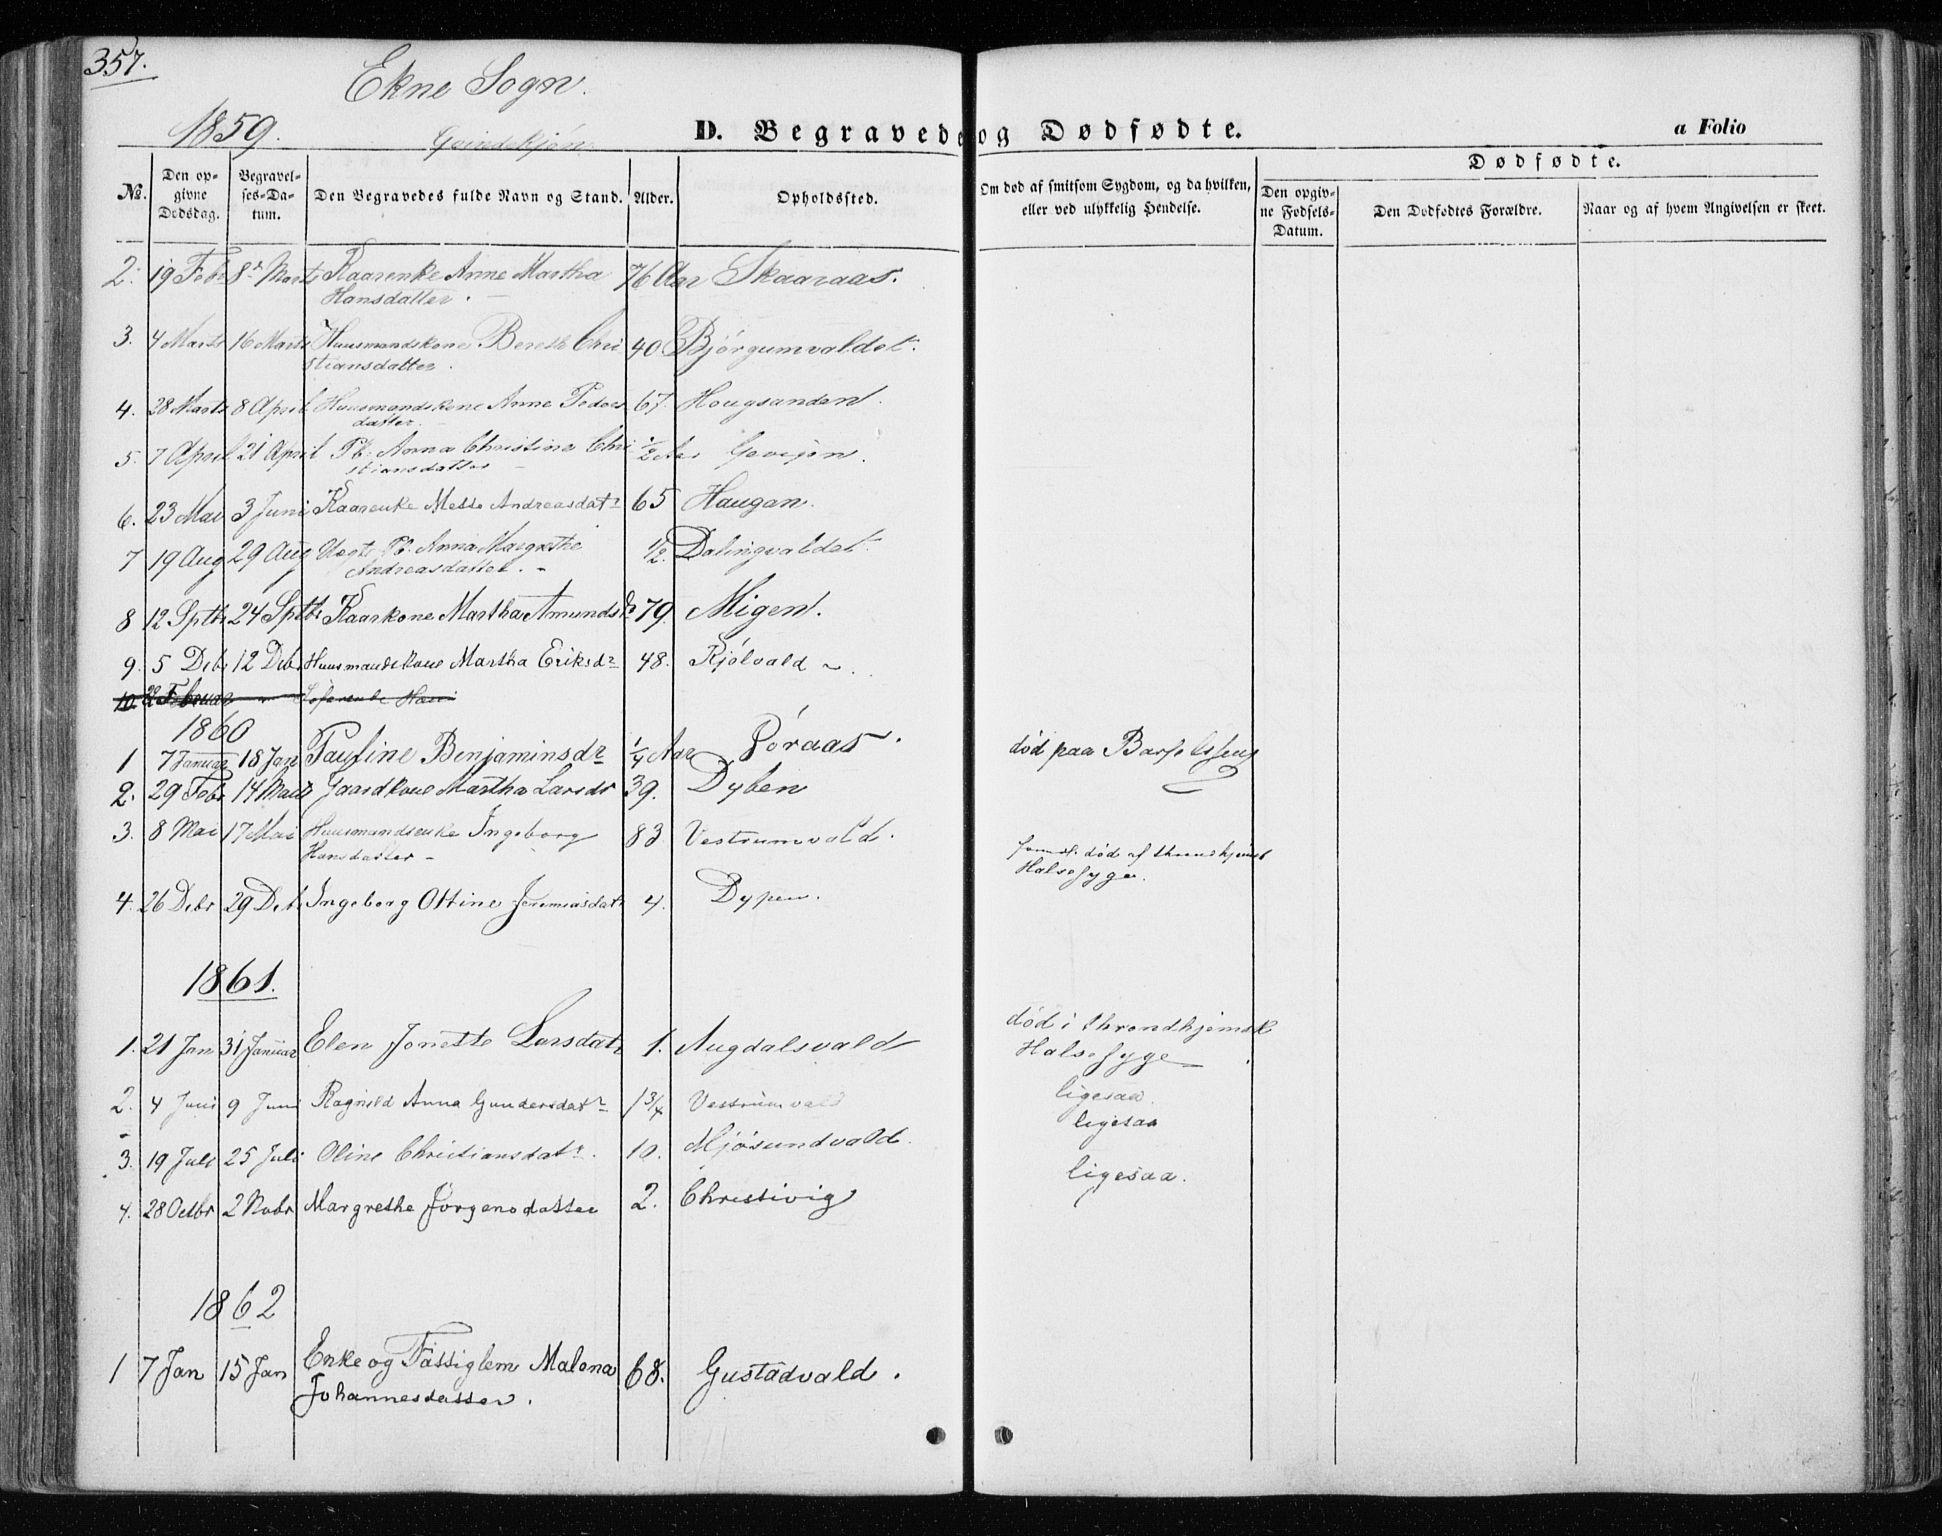 SAT, Ministerialprotokoller, klokkerbøker og fødselsregistre - Nord-Trøndelag, 717/L0154: Ministerialbok nr. 717A07 /3, 1850-1862, s. 357